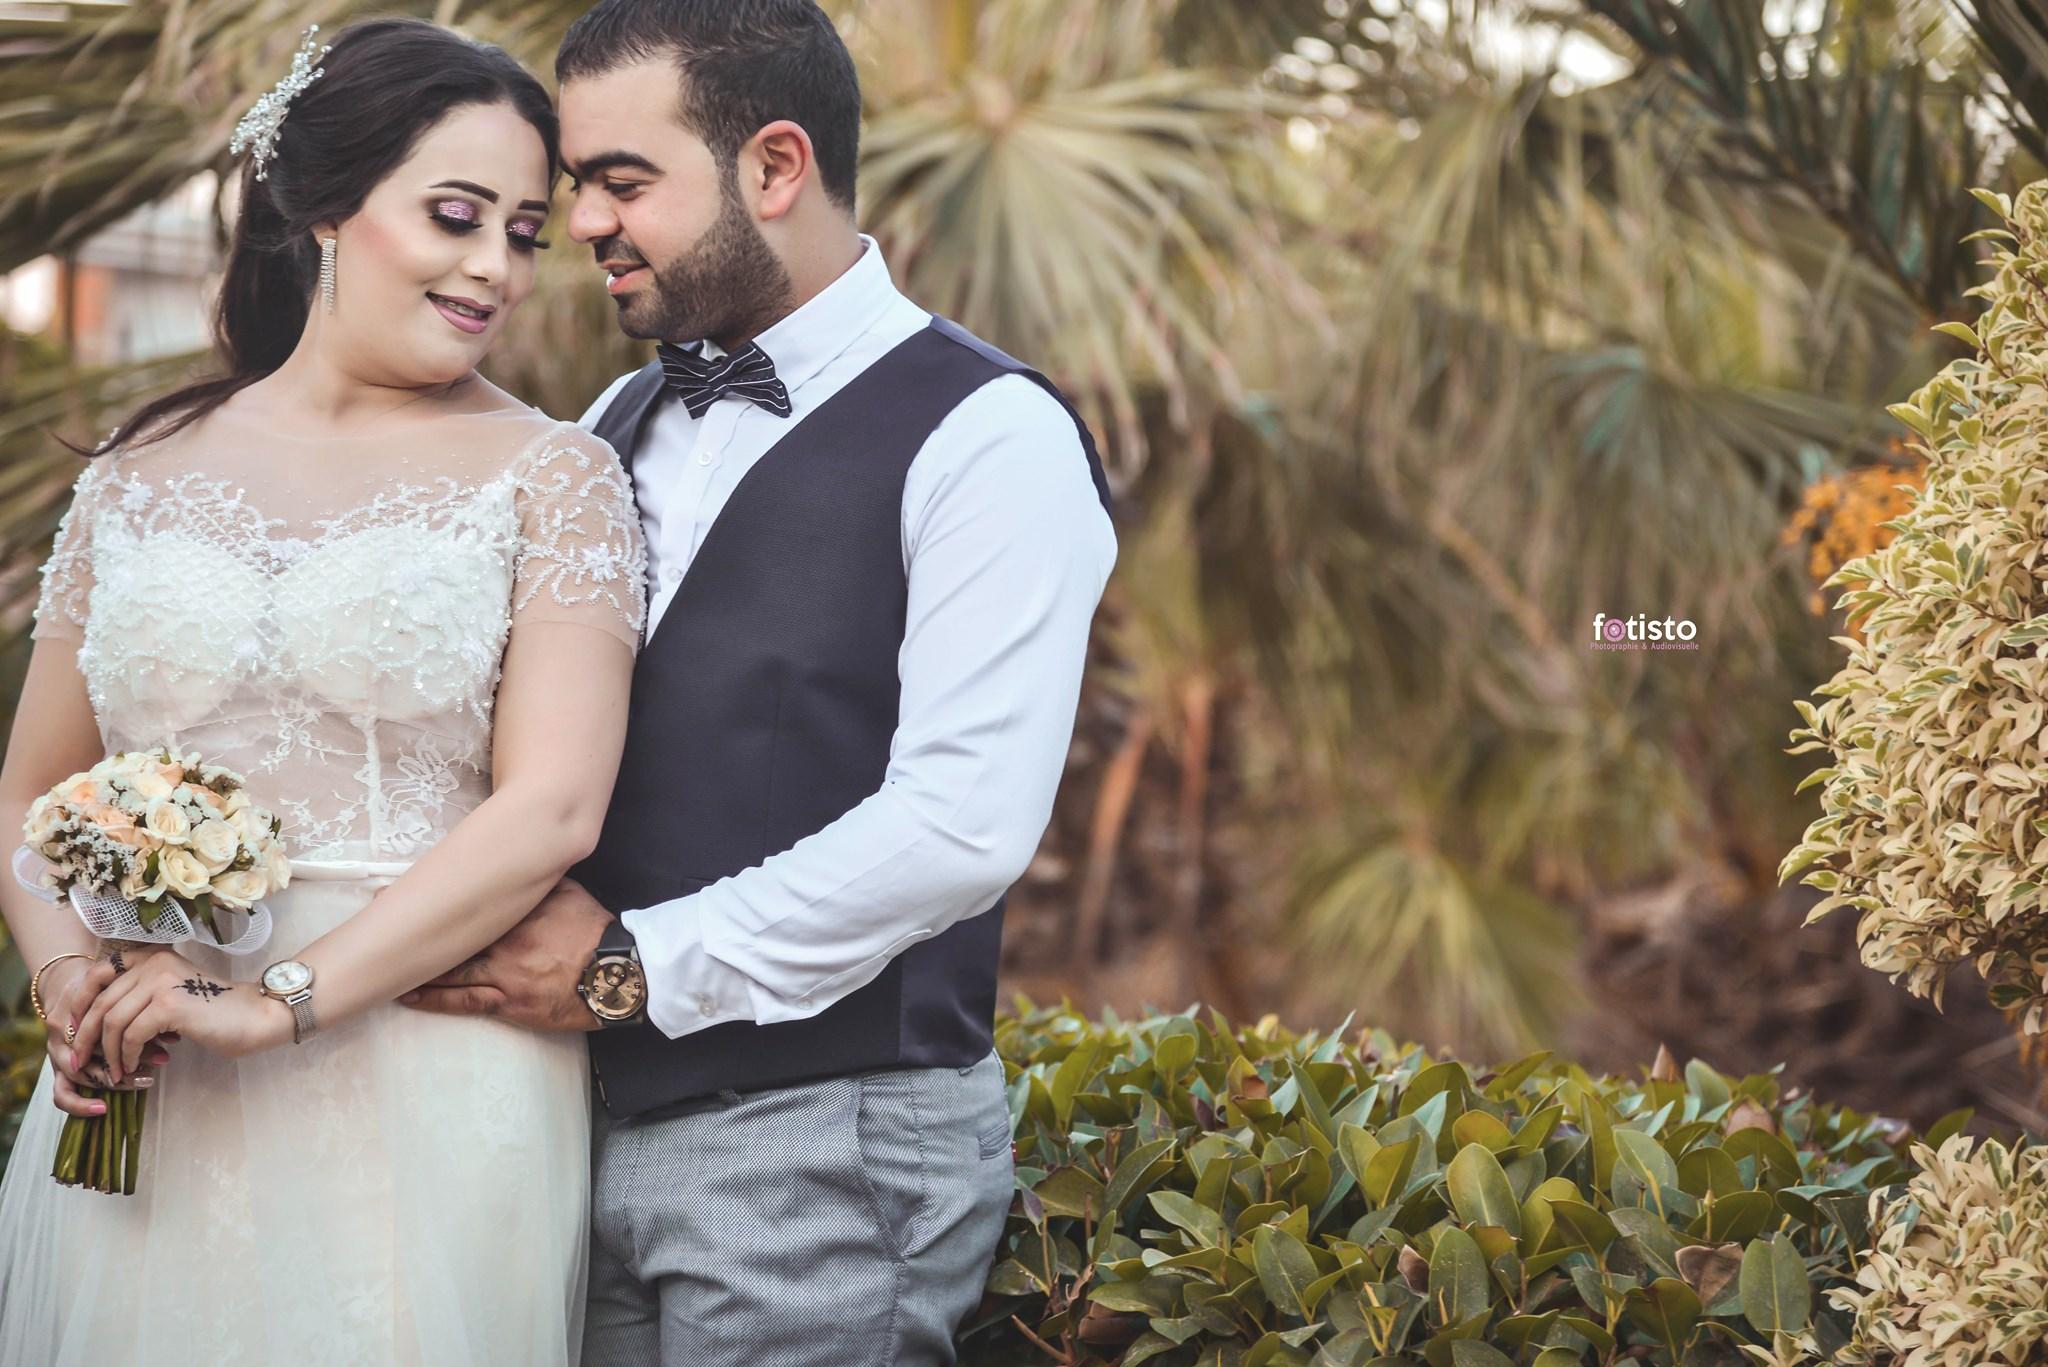 mariem_mas5_plus_belles_mariées_tunisiennes_168_2019